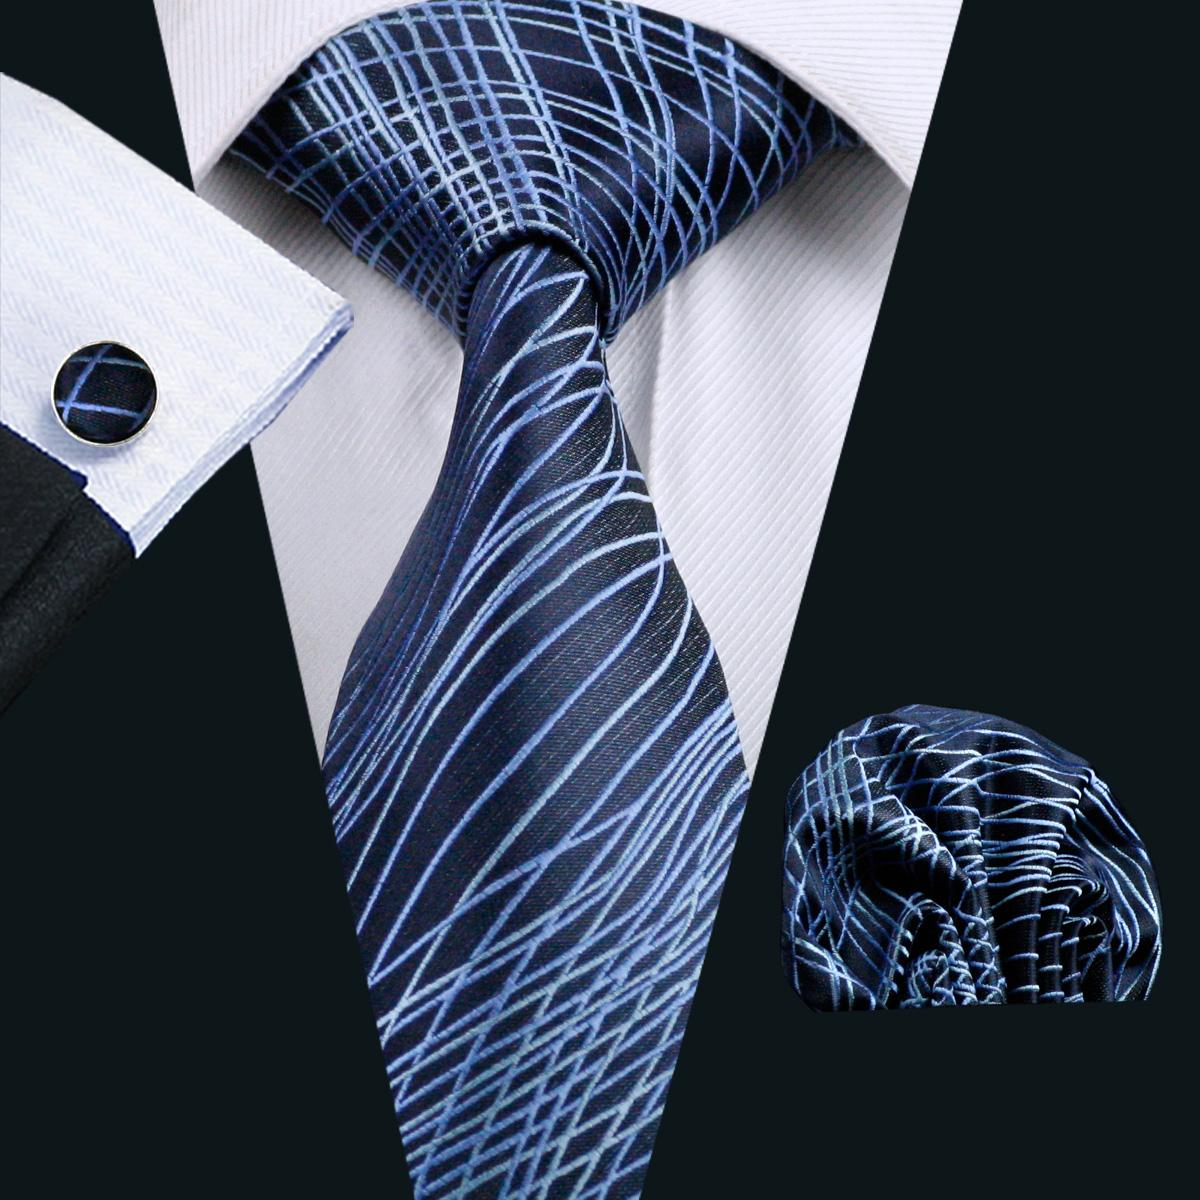 Nieuwe mode blauwe zijde heren stropdas hankerchief manchetknopen set vergadering casual party stropdas jacquard geweven n-1086